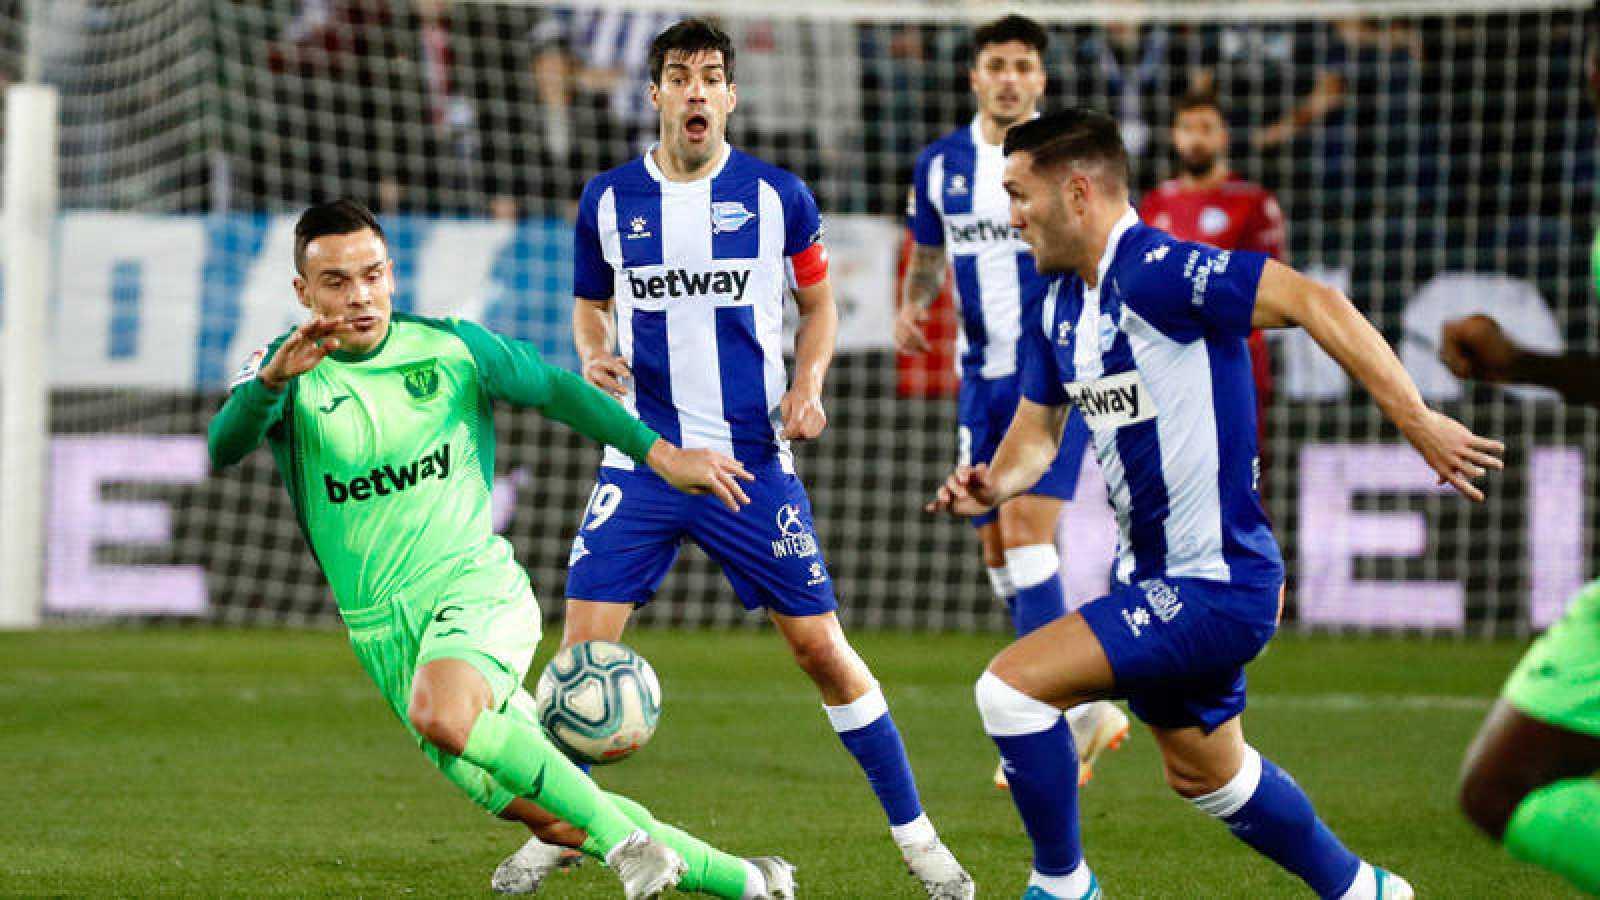 El delantero del Alavés Lucas Pérez intenta controlar el balón ante el centrocampista del Leganés Roque Mesa